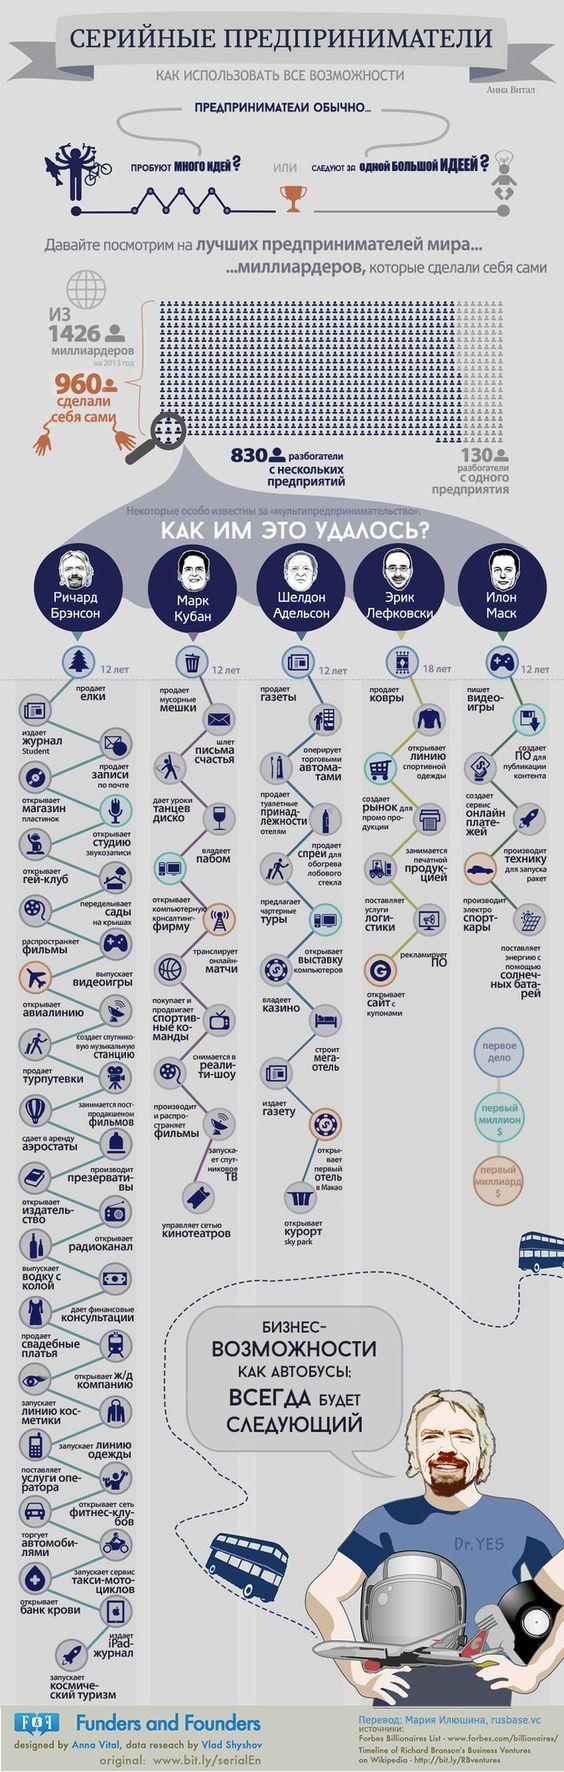 Серийные предприниматели, как использовать все возможности - инфографика: